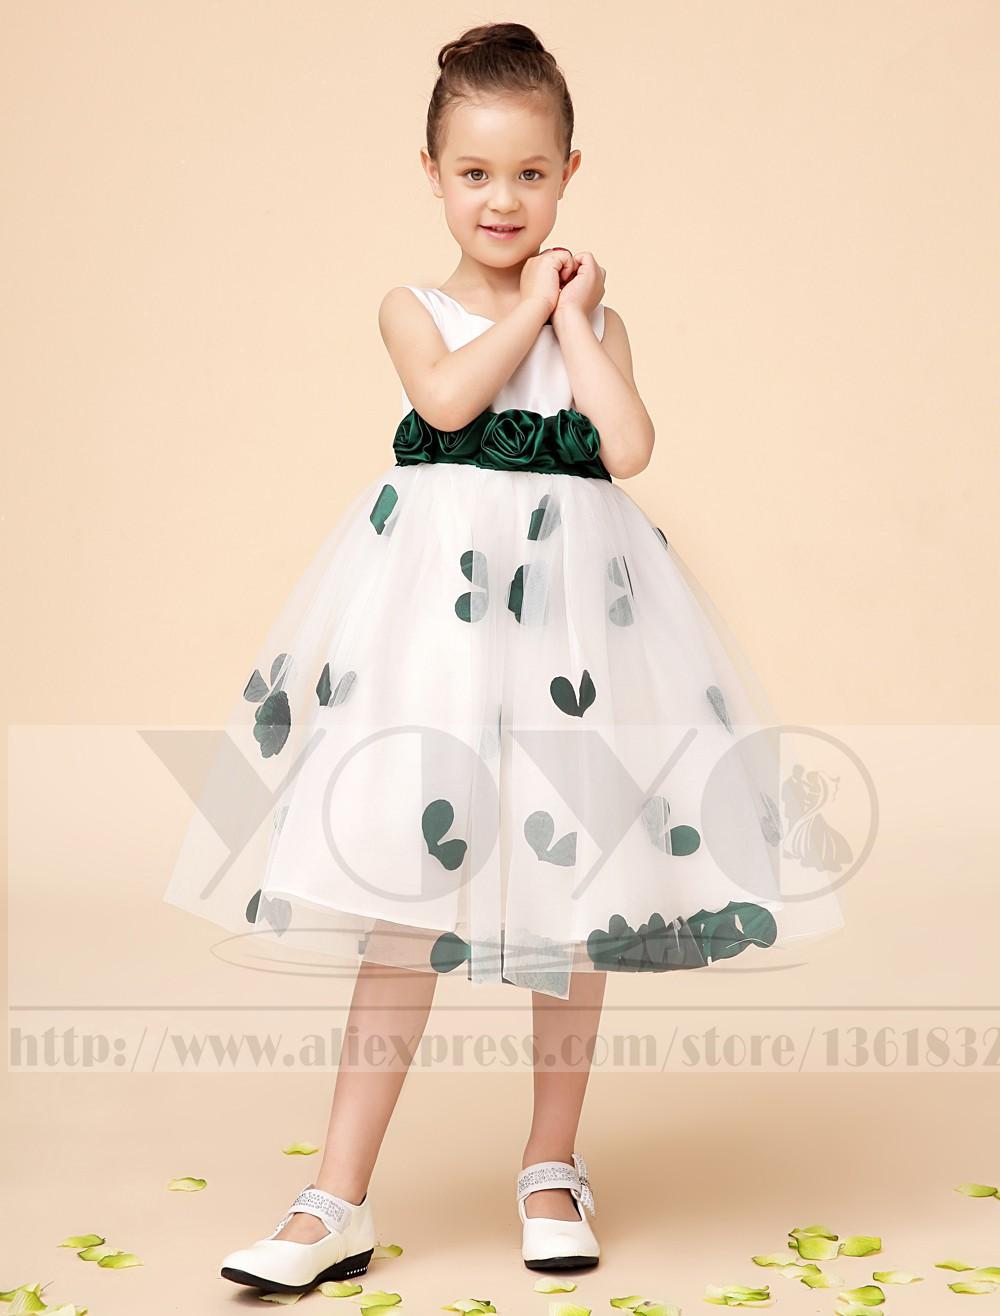 Скидки на Тюль платье-линии кот маленькие девочки с зеленой створки свадебные ну вечеринку дети девочки платья торжества платья